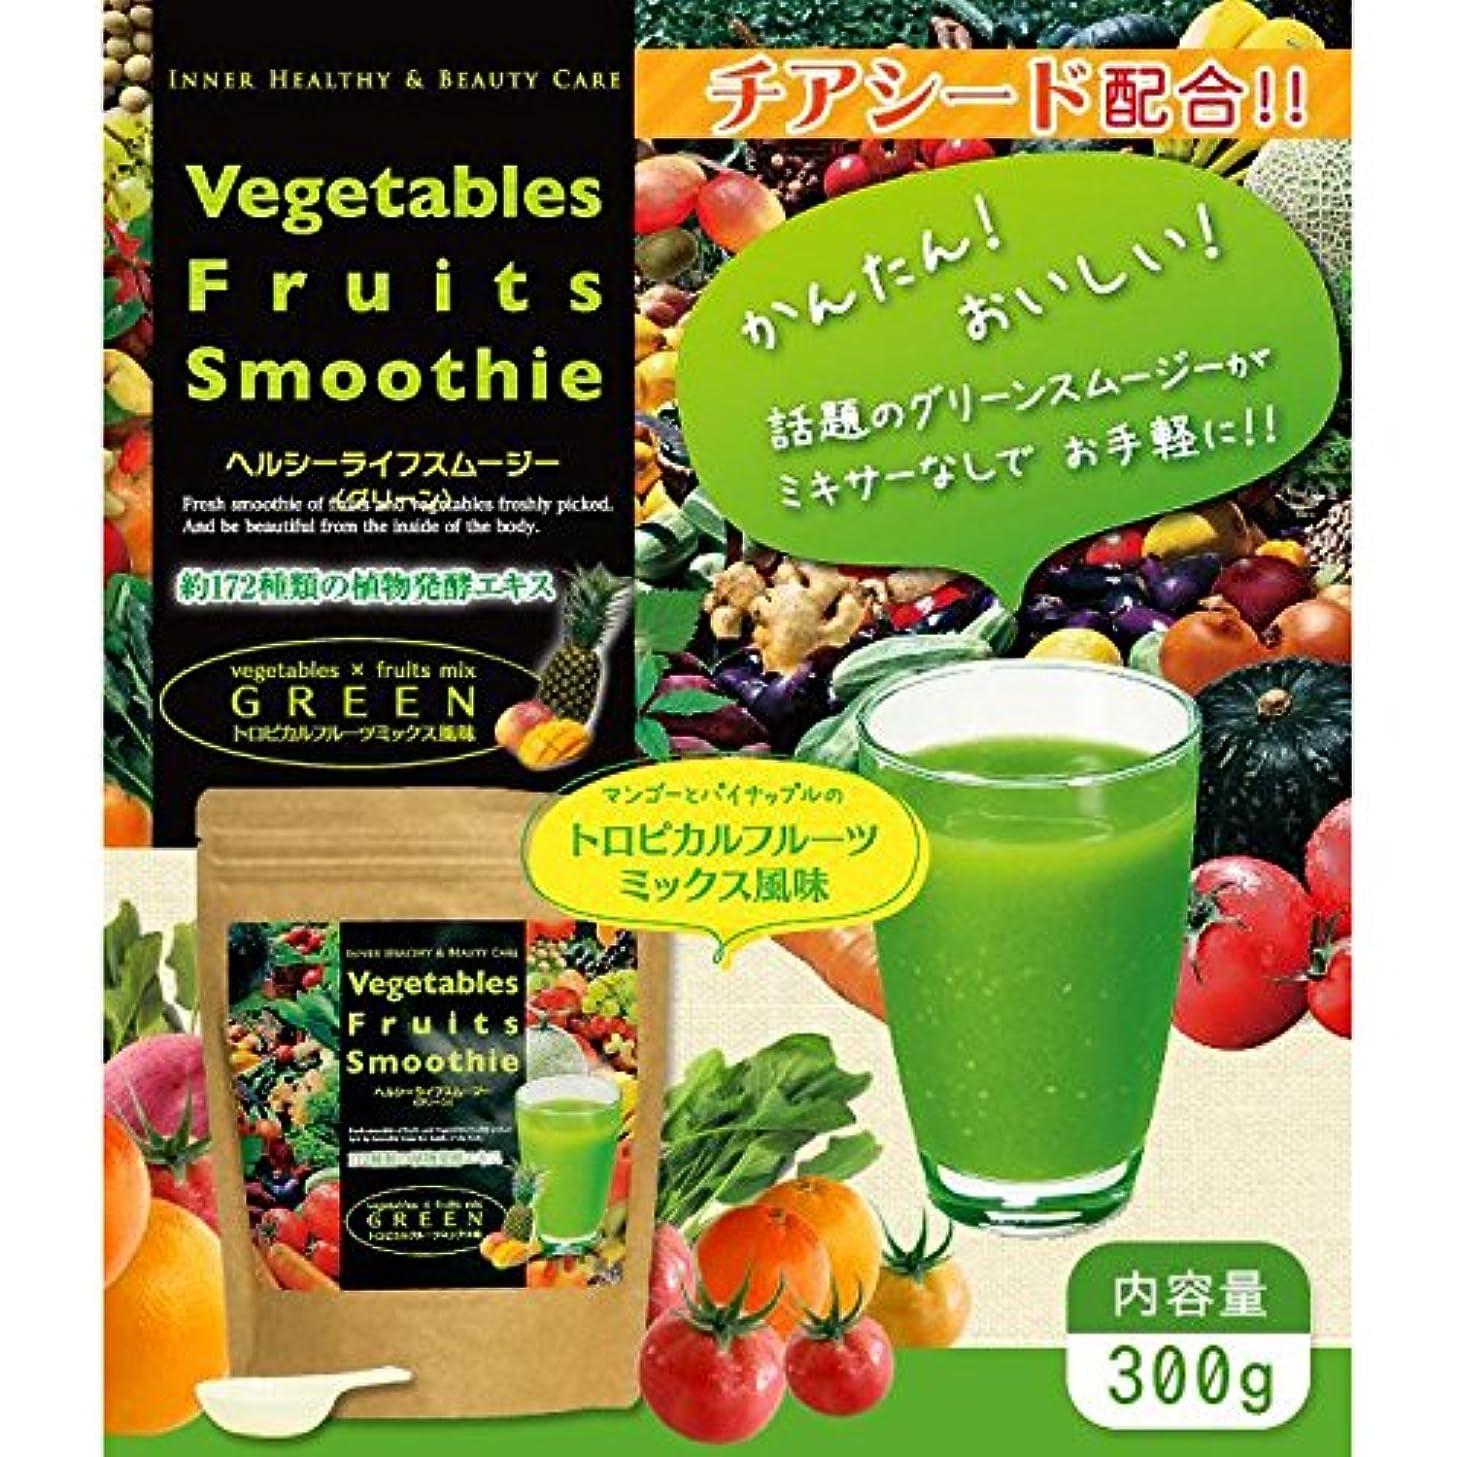 原子炉期限切れ最初Vegetables Fruits Smoothie ヘルシーライフスムージー(グリーン)トロピカルフルーツミックス味 300g 日本製